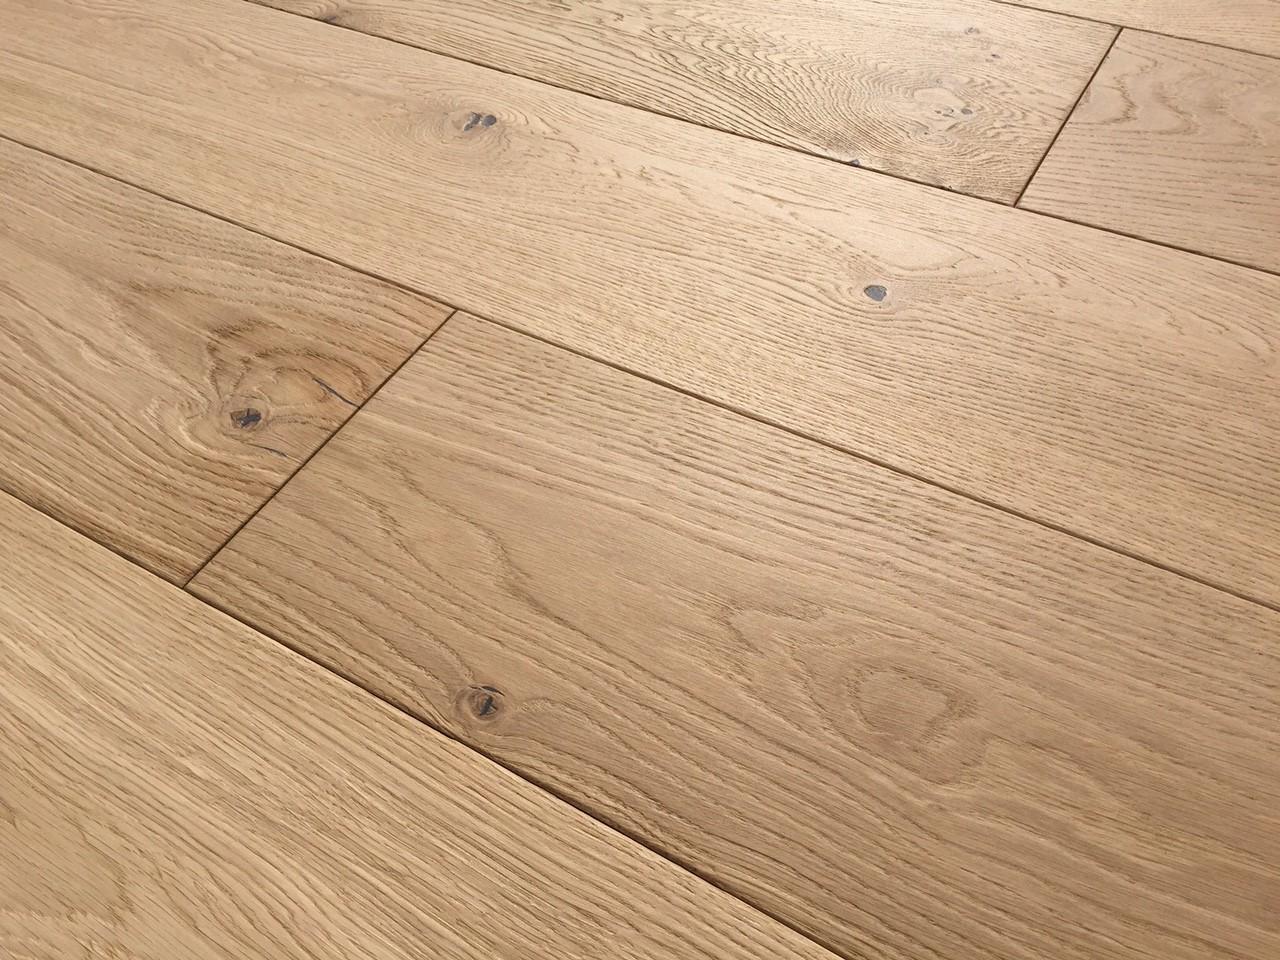 Holzfußboden Dielen ~ Holzdielen landhausdielen schlossdielen parkett dielenschmiede